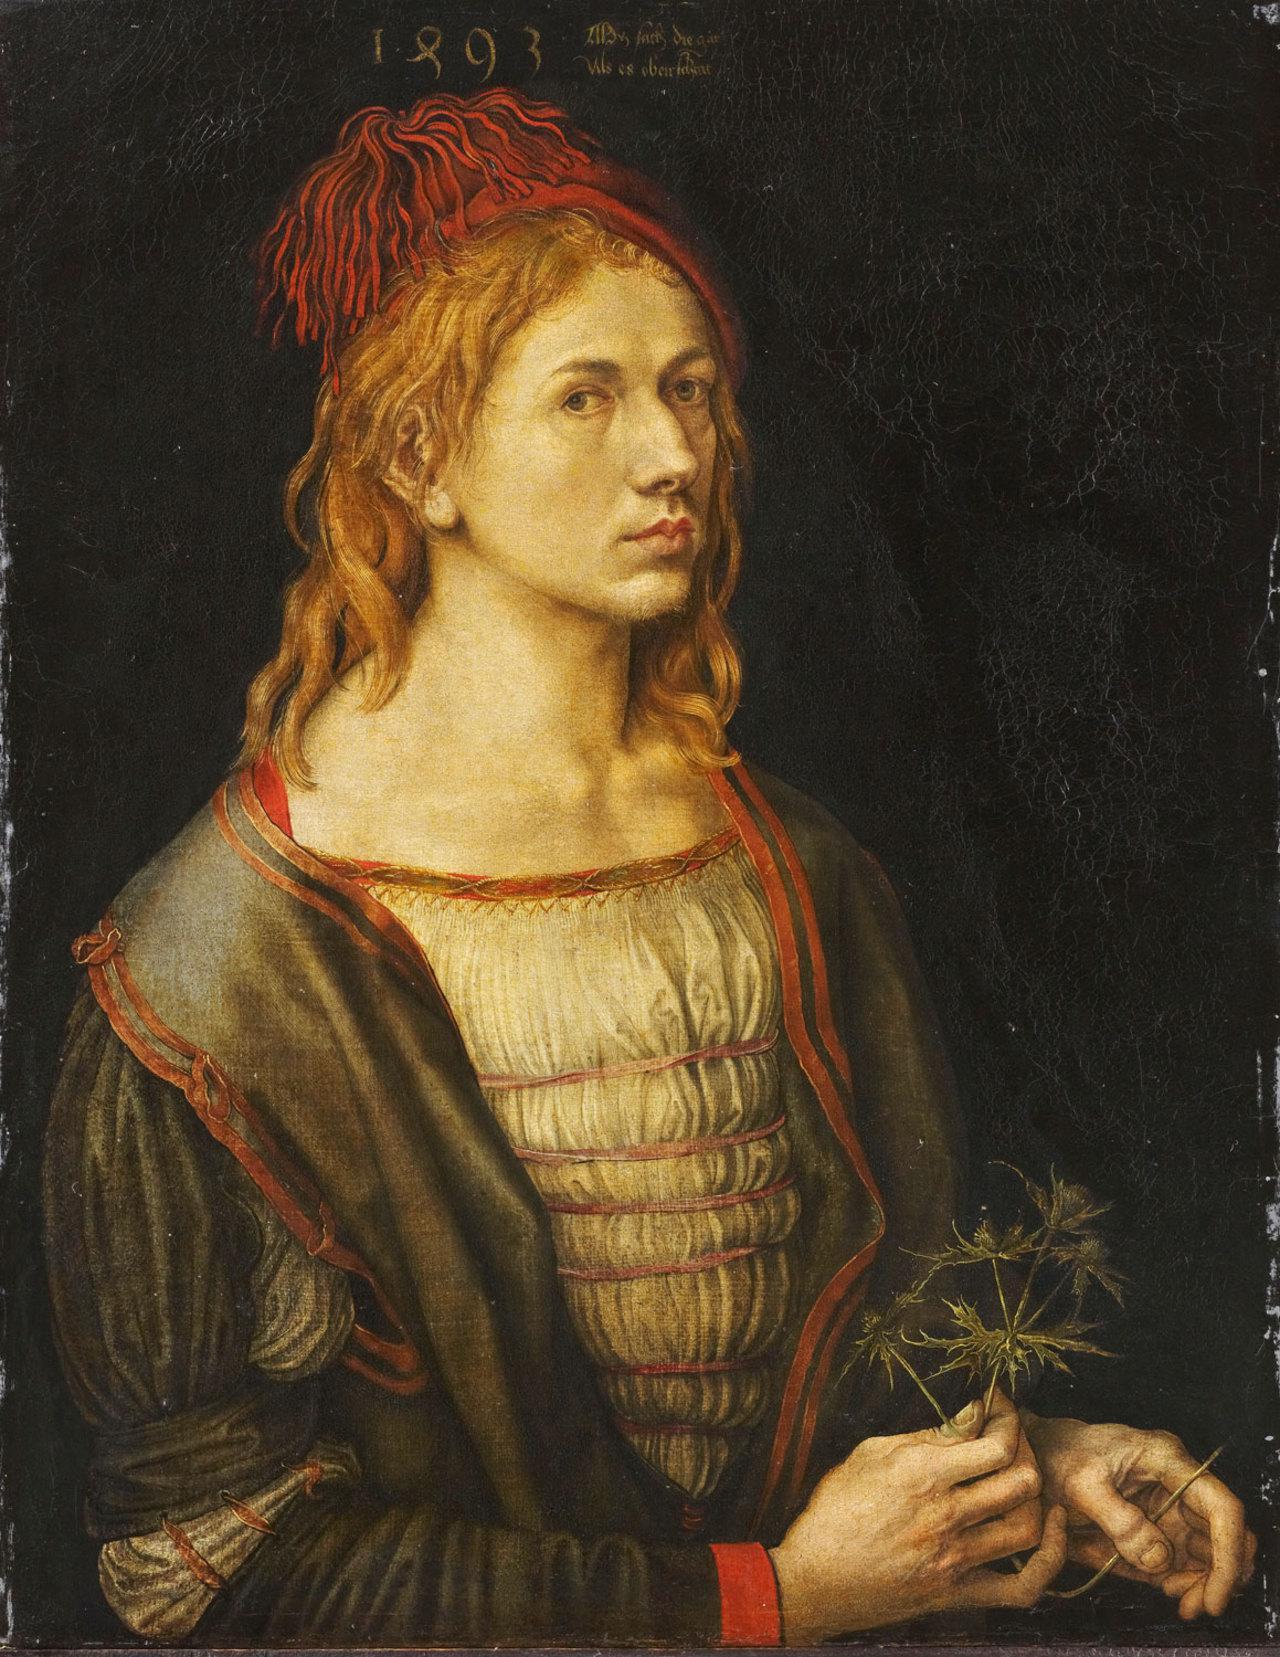 Portrait de l'artiste au chardon